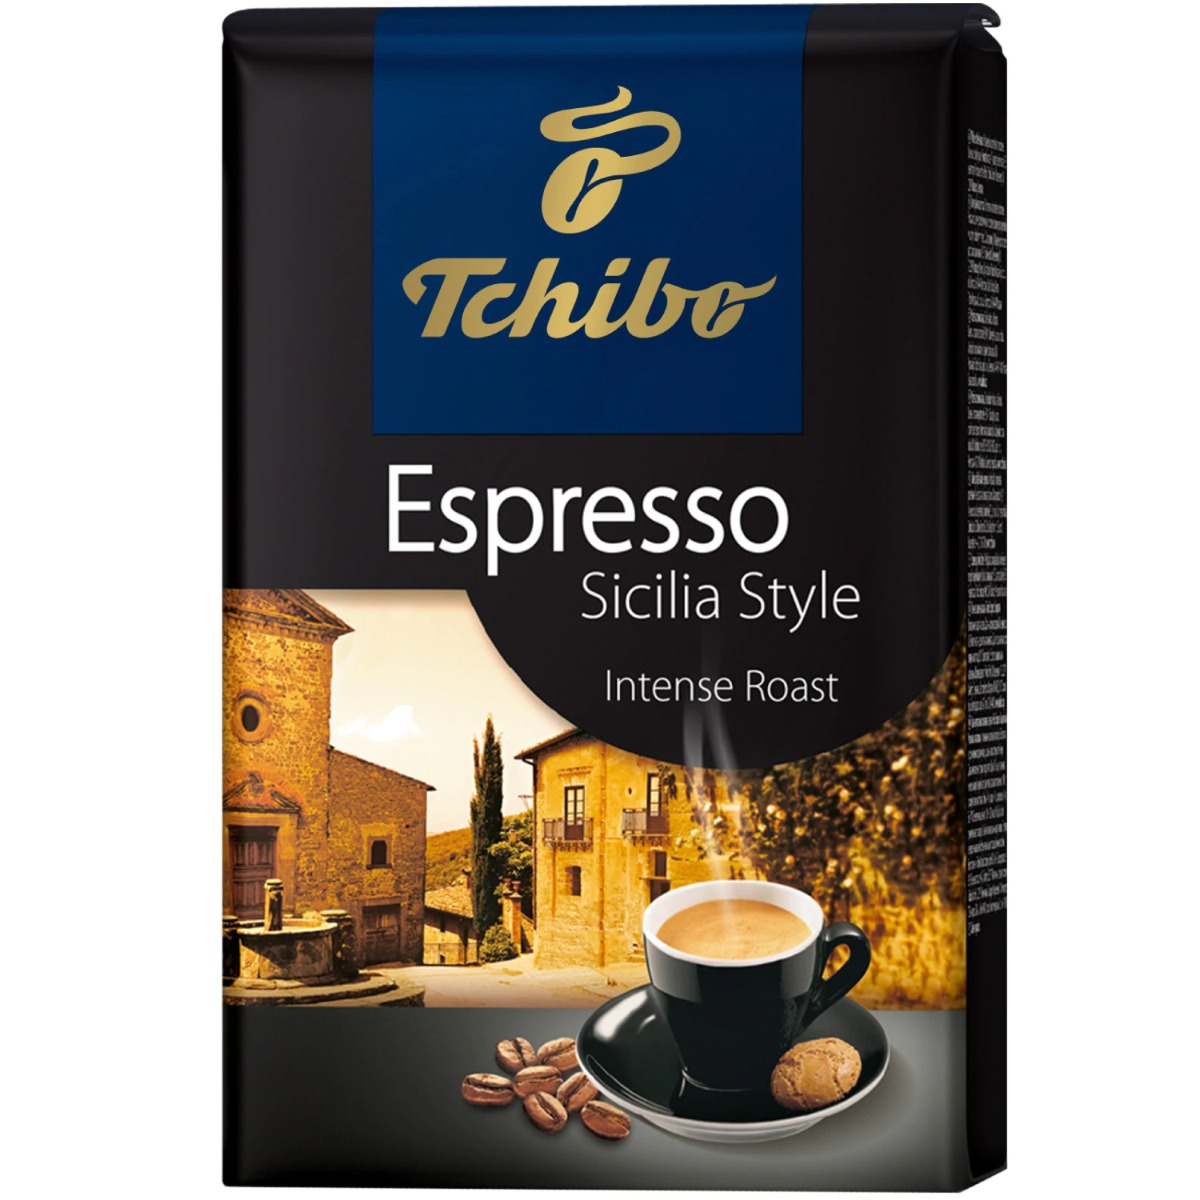 Cafea prajita boabe Tchibo Espresso Sicilia Style, 500 g imagine